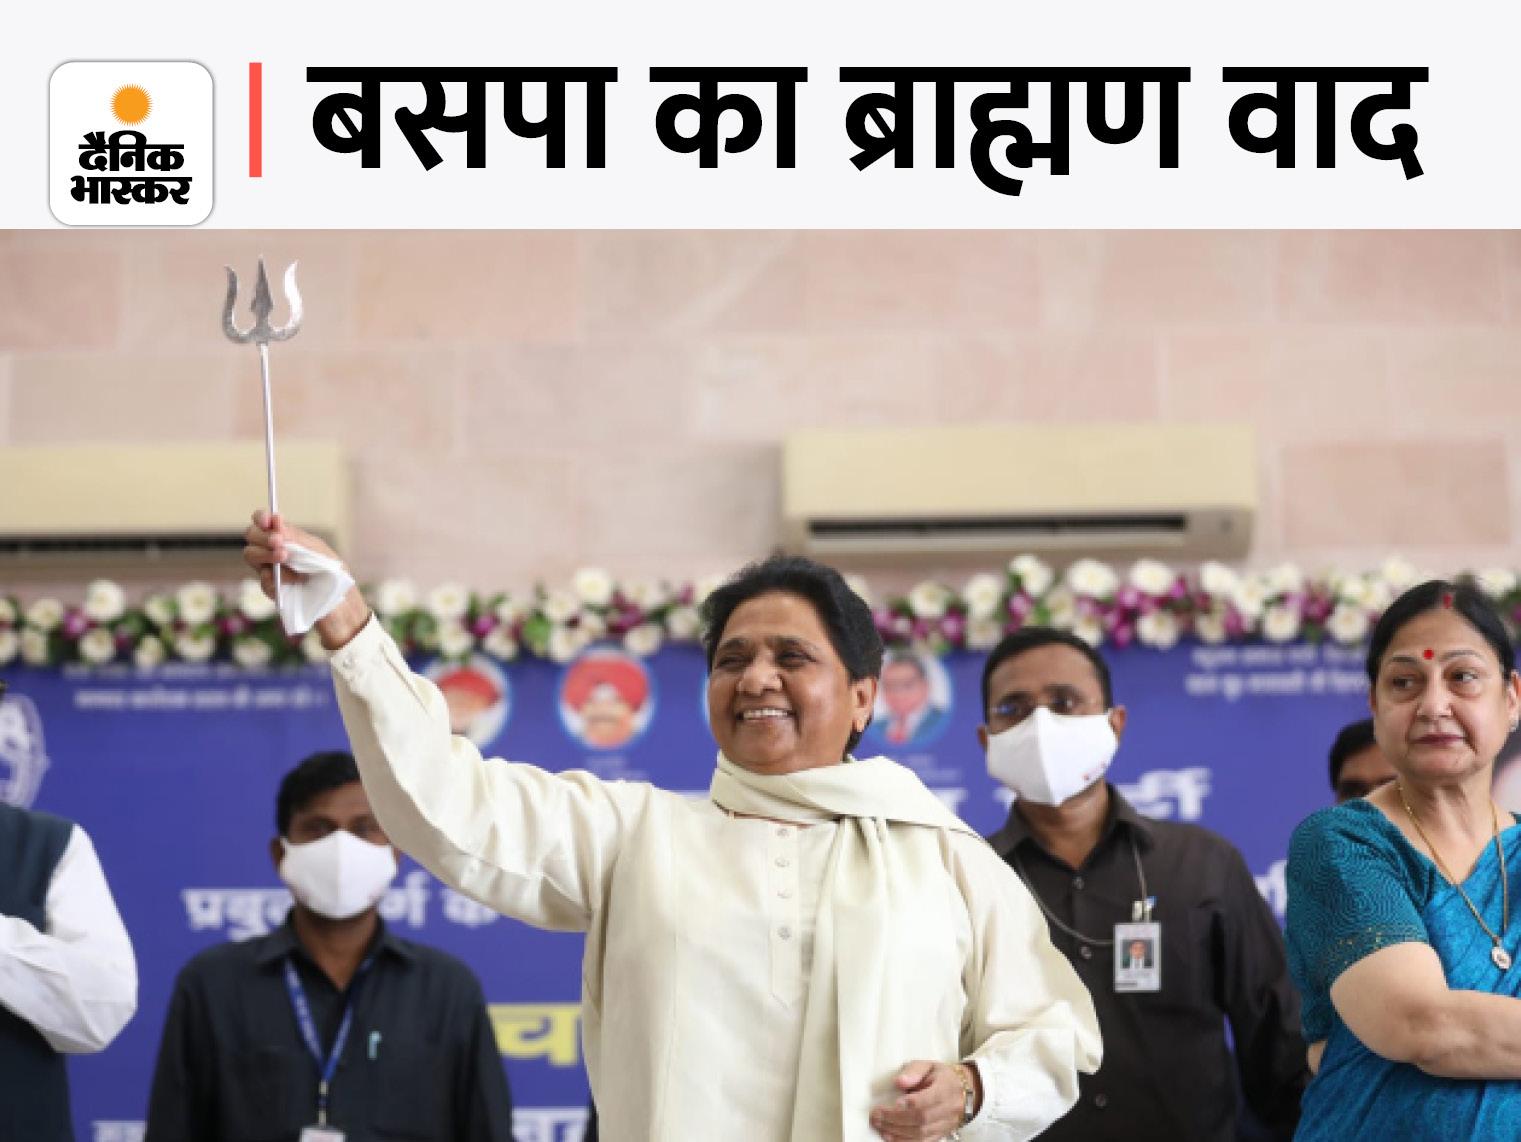 मायावती ने त्रिशूल लहराकर किया ब्राह्मणों के सपोर्ट से जीत का दावा, बोलीं- इस बार मूर्तियां और संग्रहालय बनाने में ताकत नहीं खपाएंगे|लखनऊ,Lucknow - Dainik Bhaskar